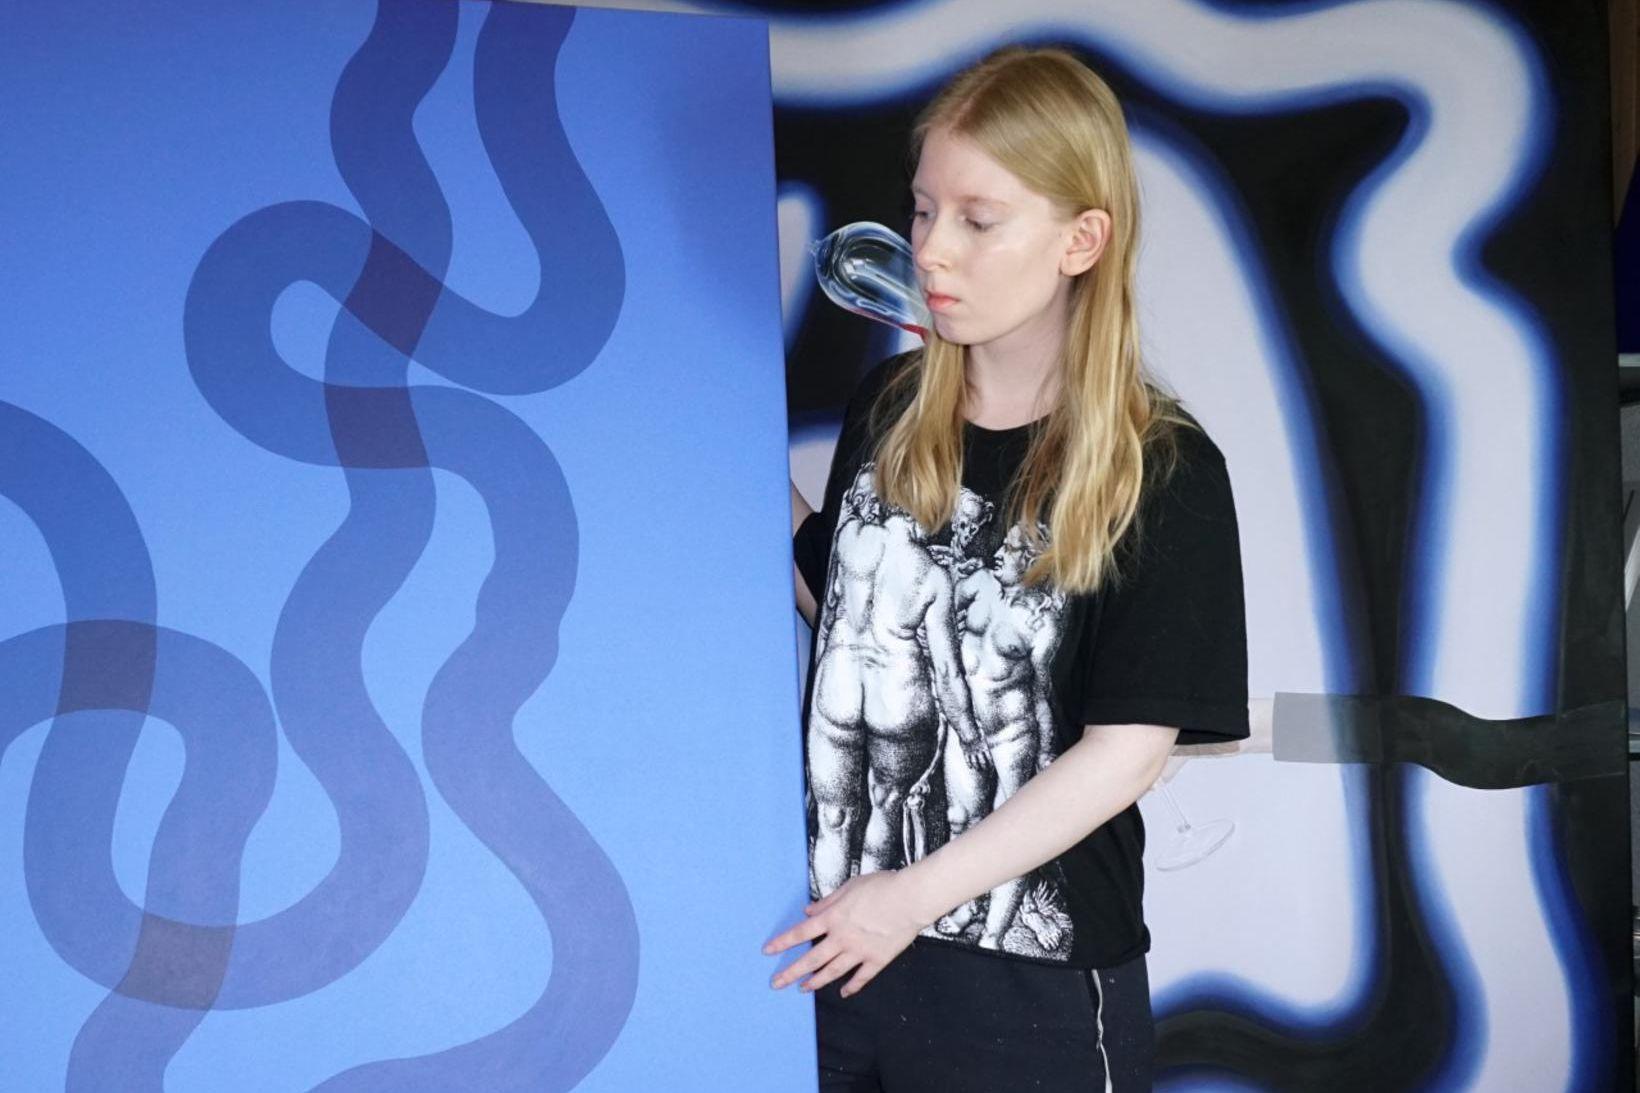 Helena Margrét myndlistarkona hefur fengið alþjóðlega athygli á árinu.